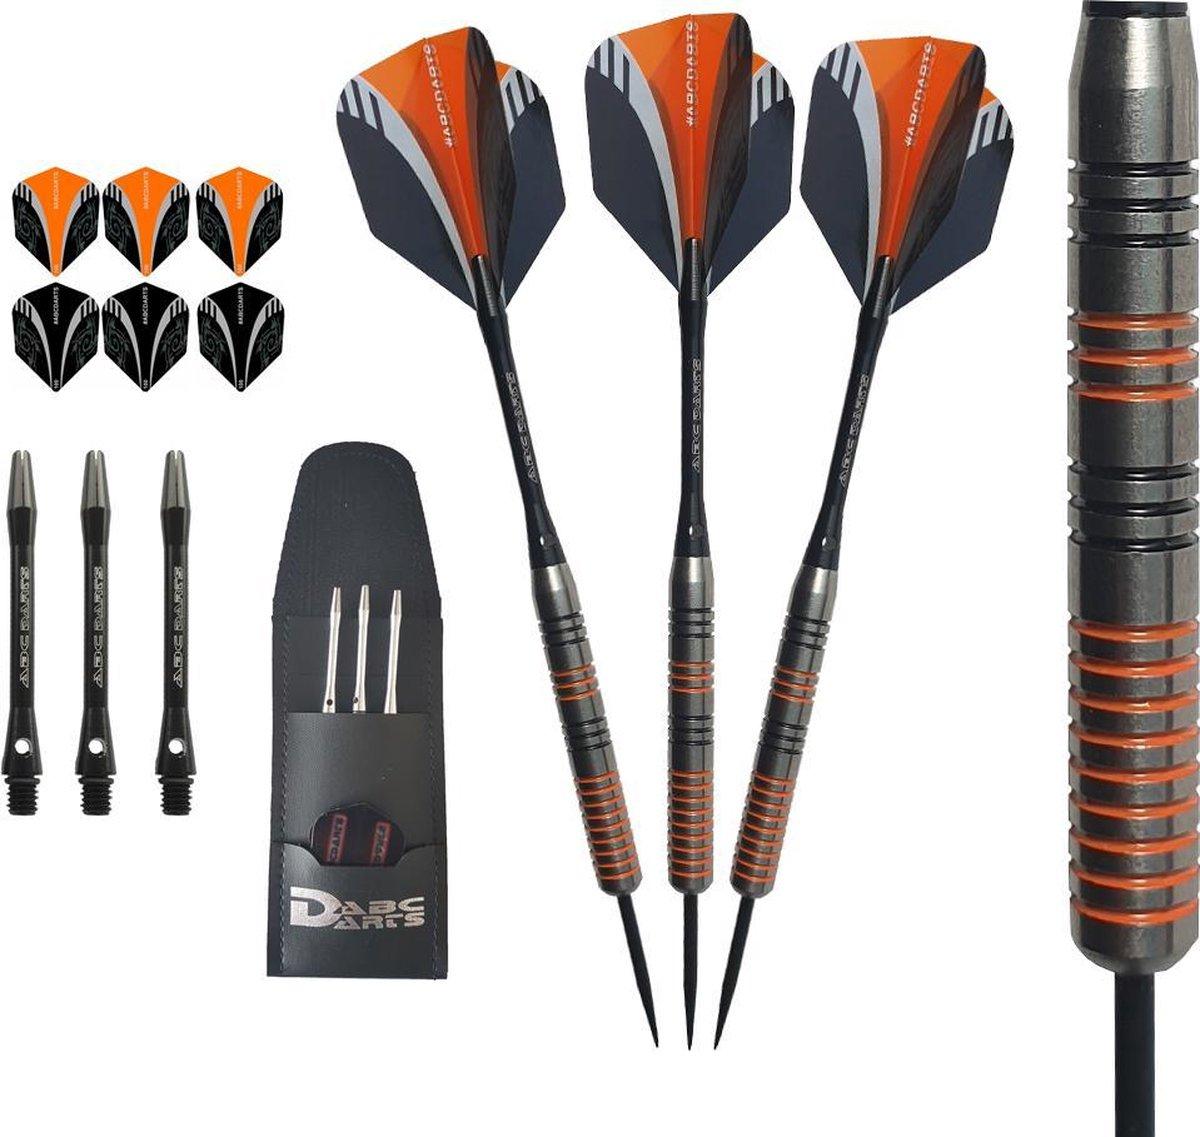 ABC Darts - 90% Tungsten HQ Dartpijlen - Orange Viper - 29 Gram